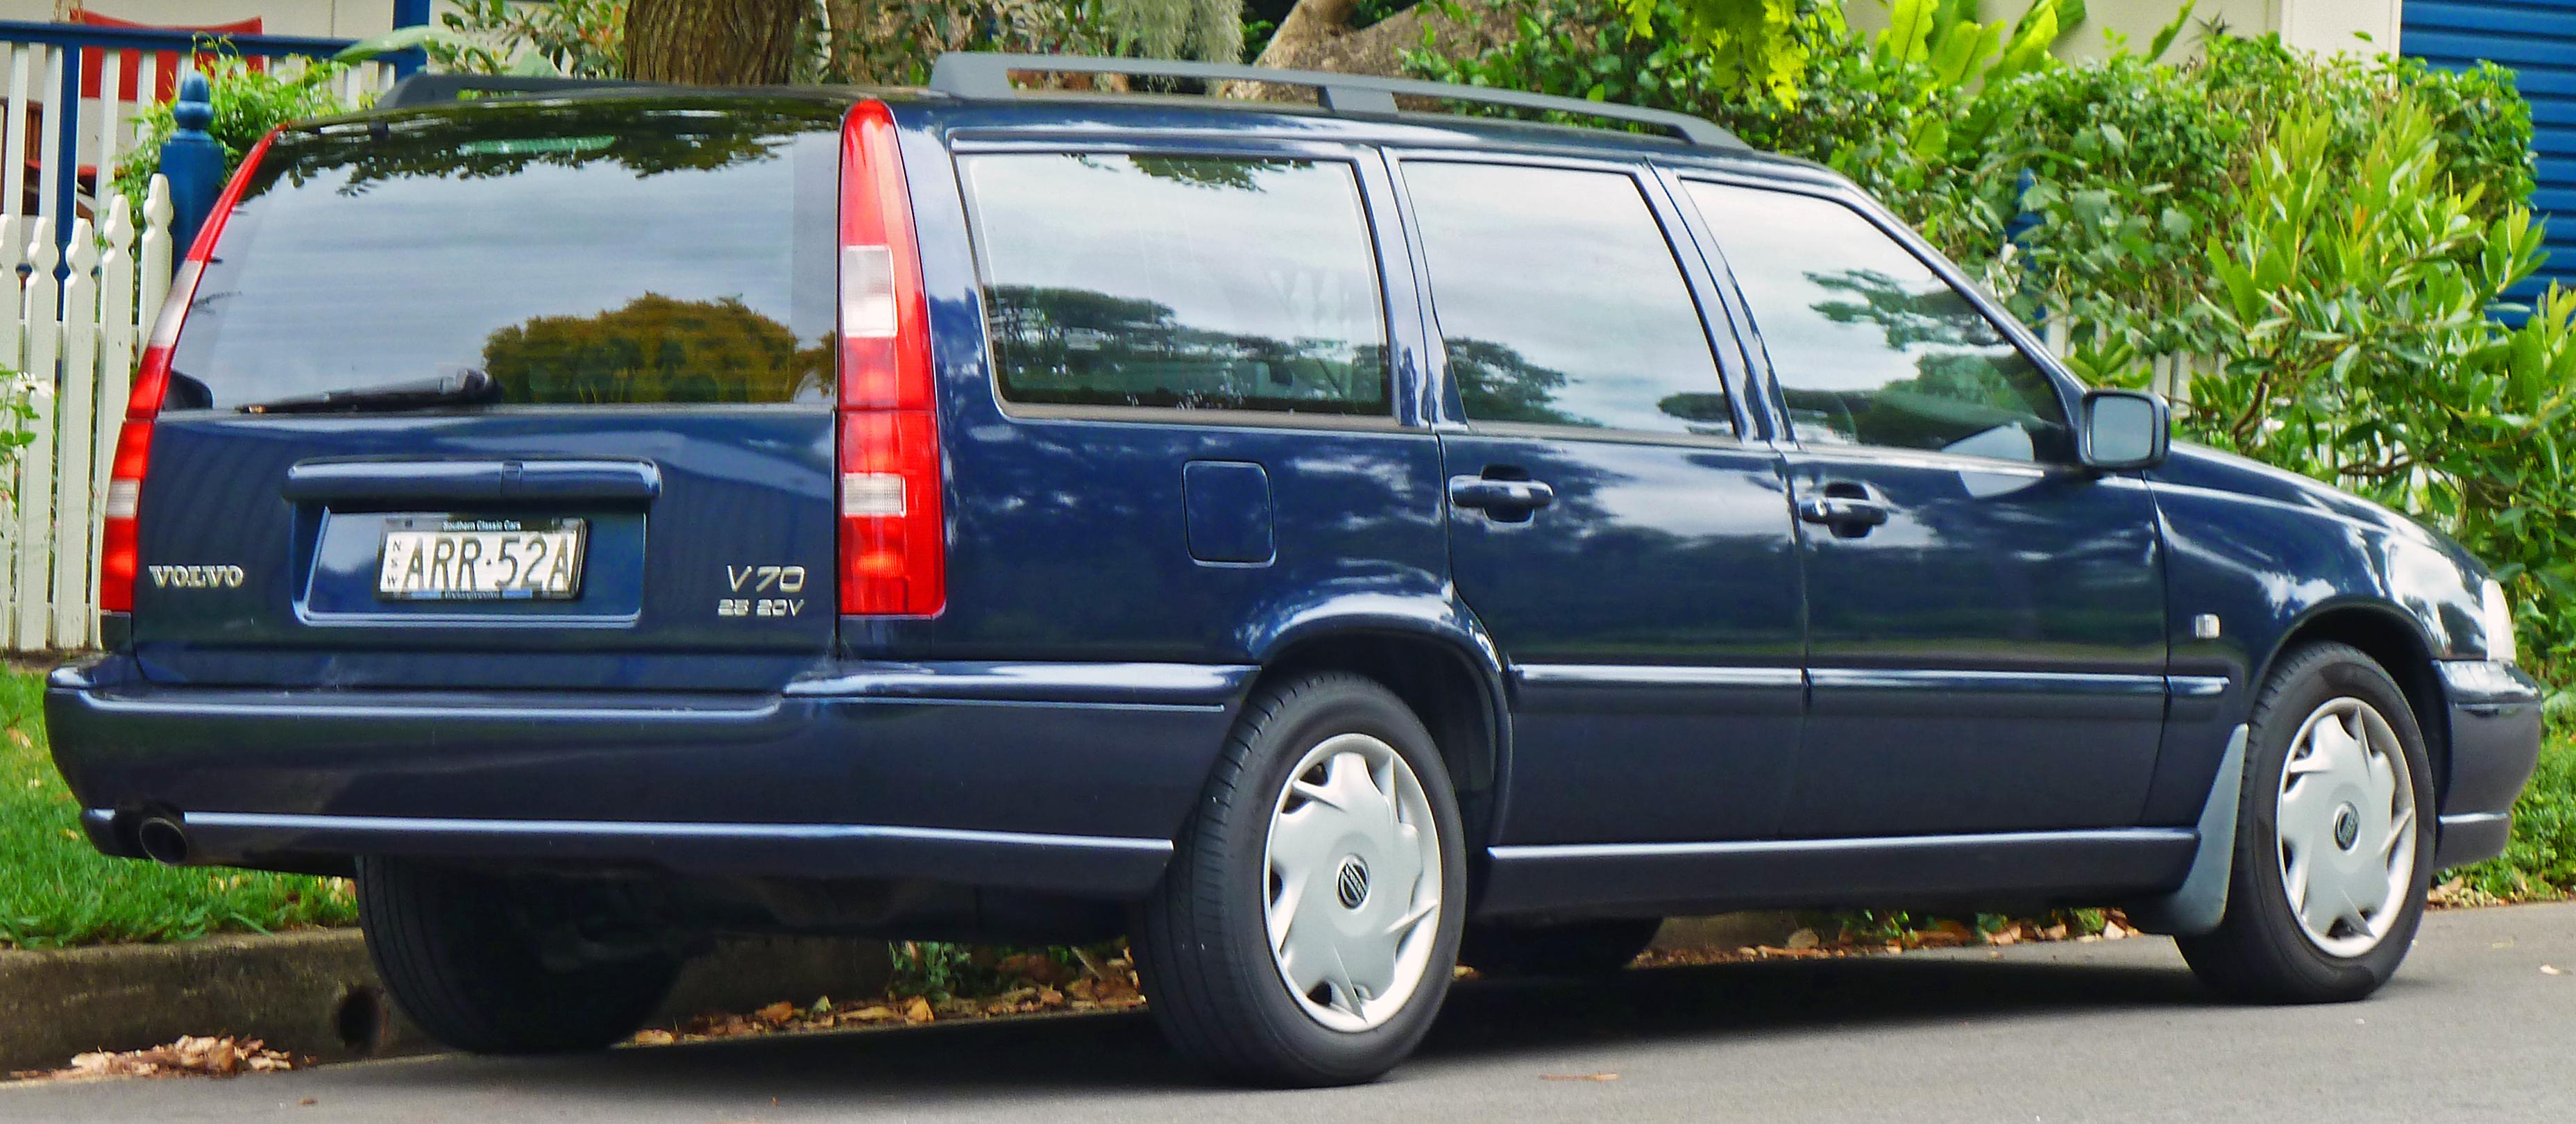 File 1999 Volvo V70 2 5 20v Station Wagon 2010 12 28 Jpg Wikimedia Commons